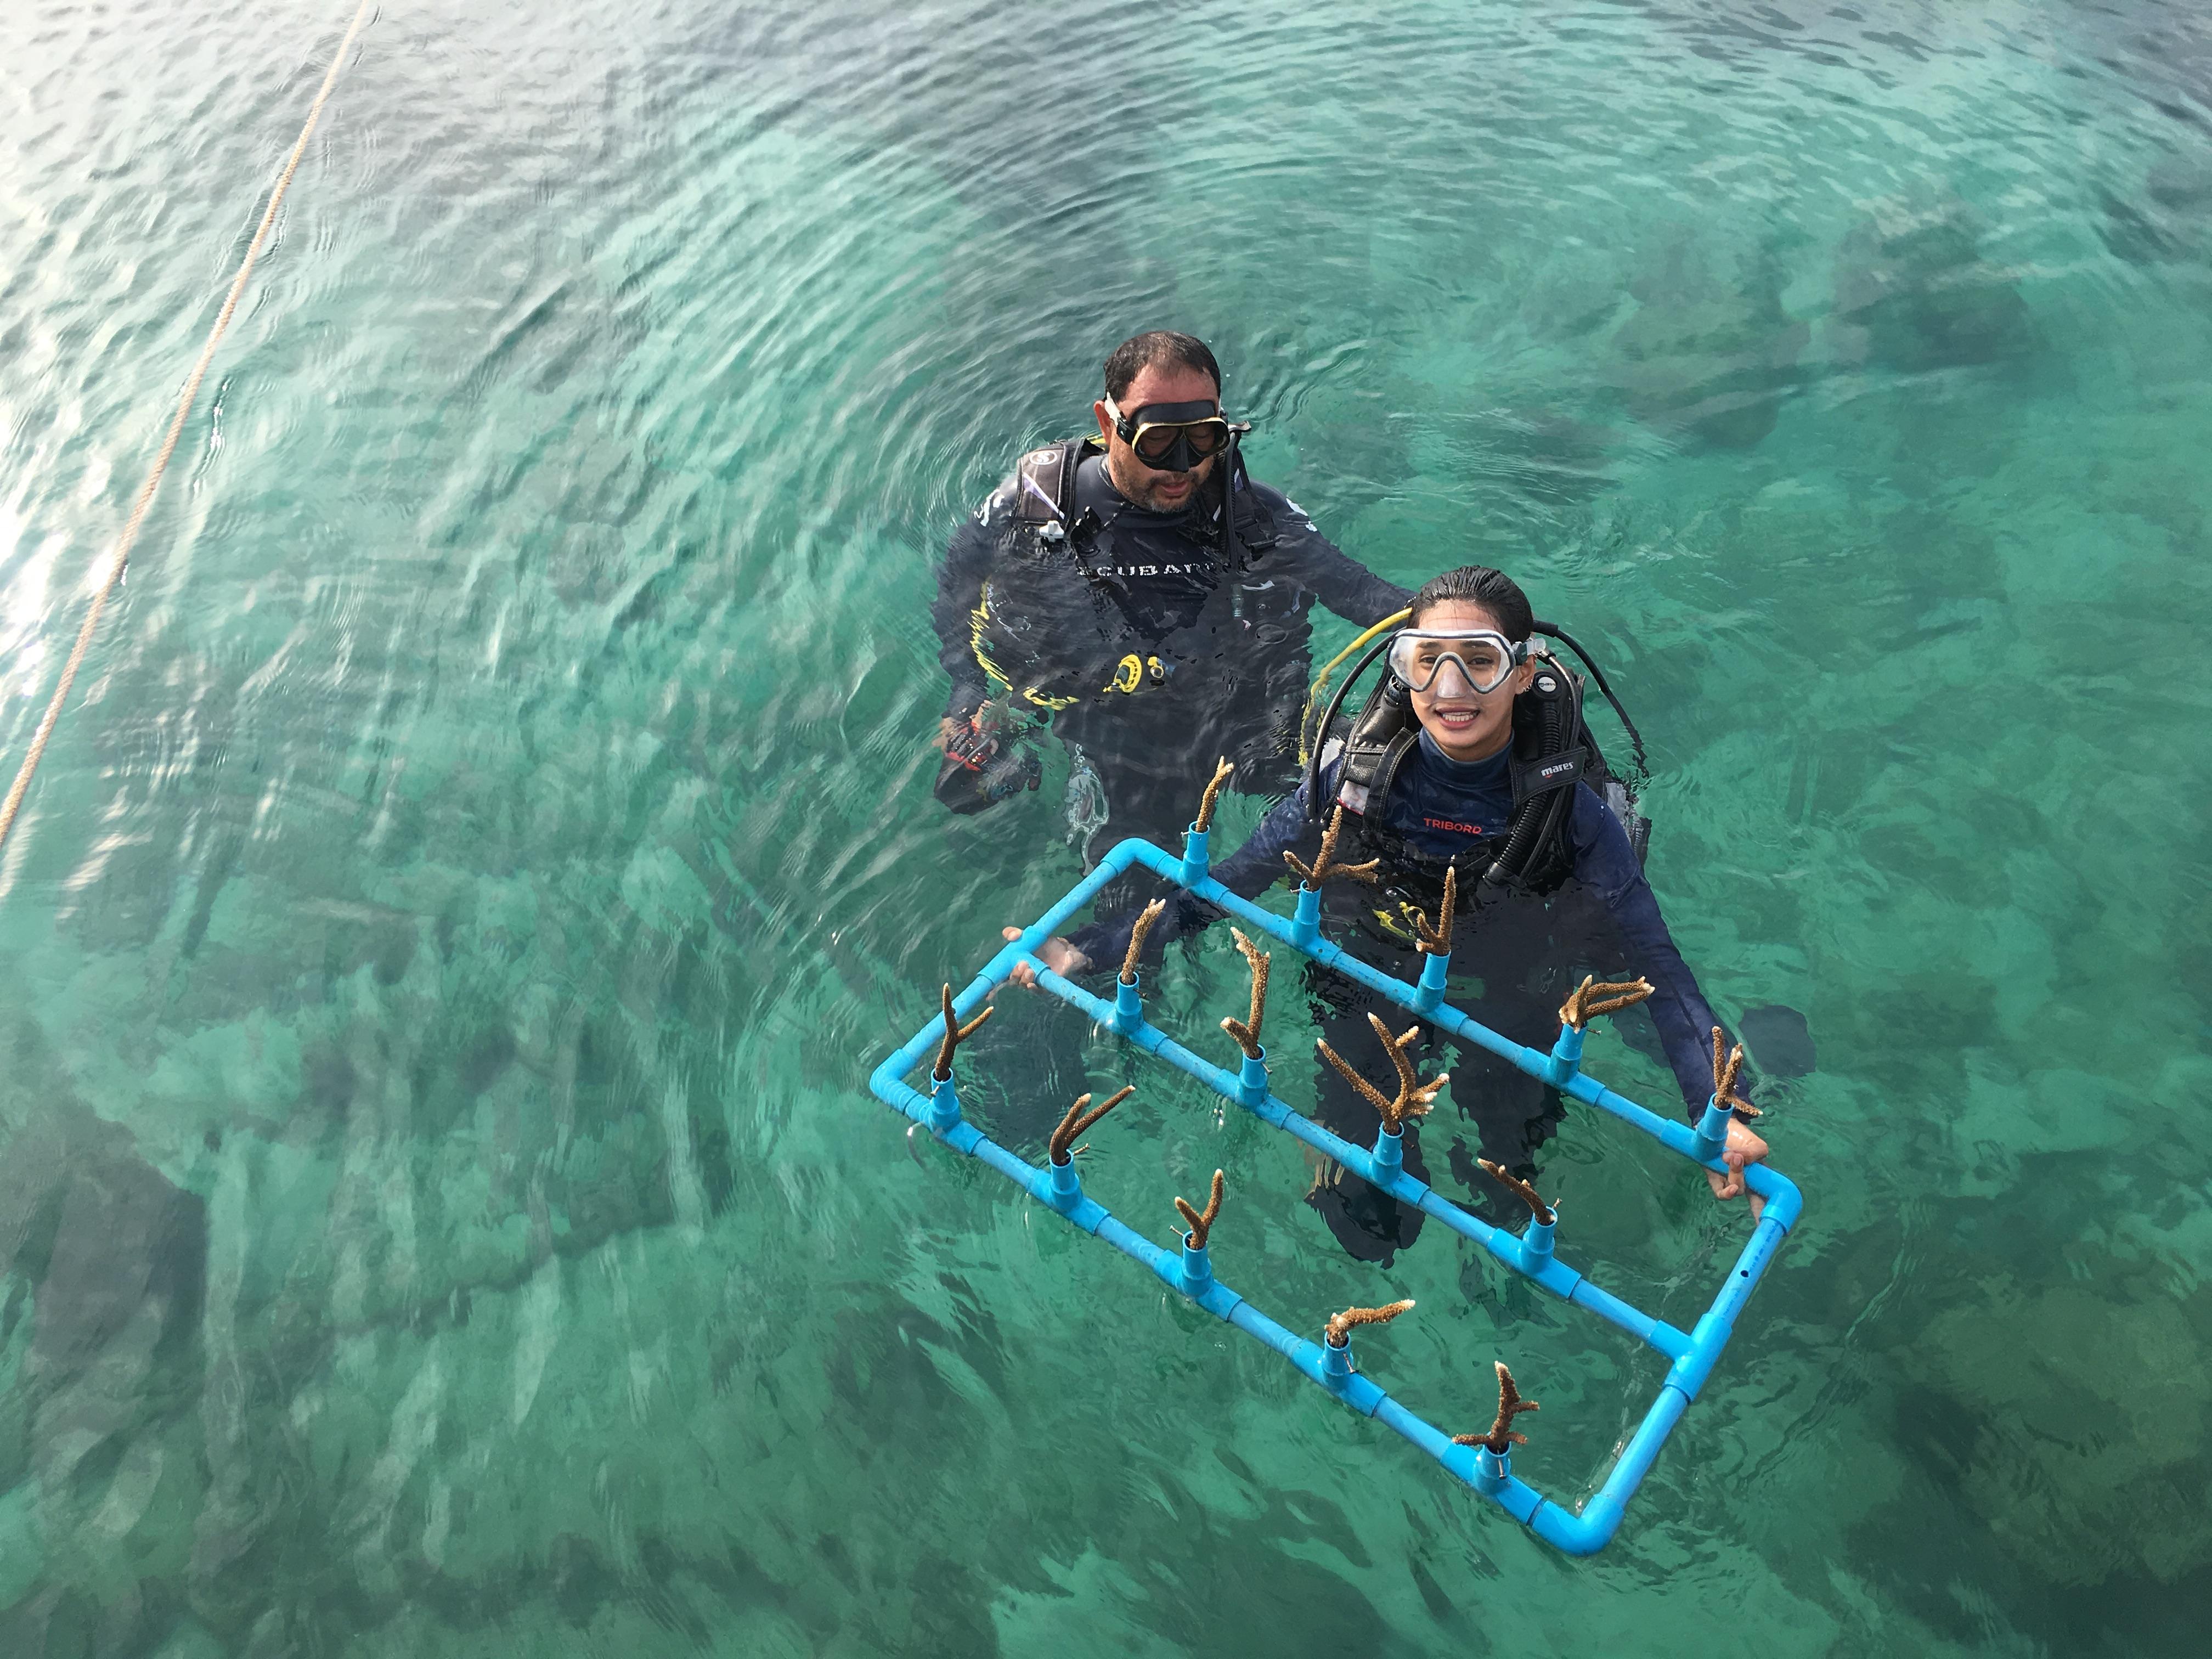 แปลงปลูกปะการัง เกาะทะลุ บางสะพาน